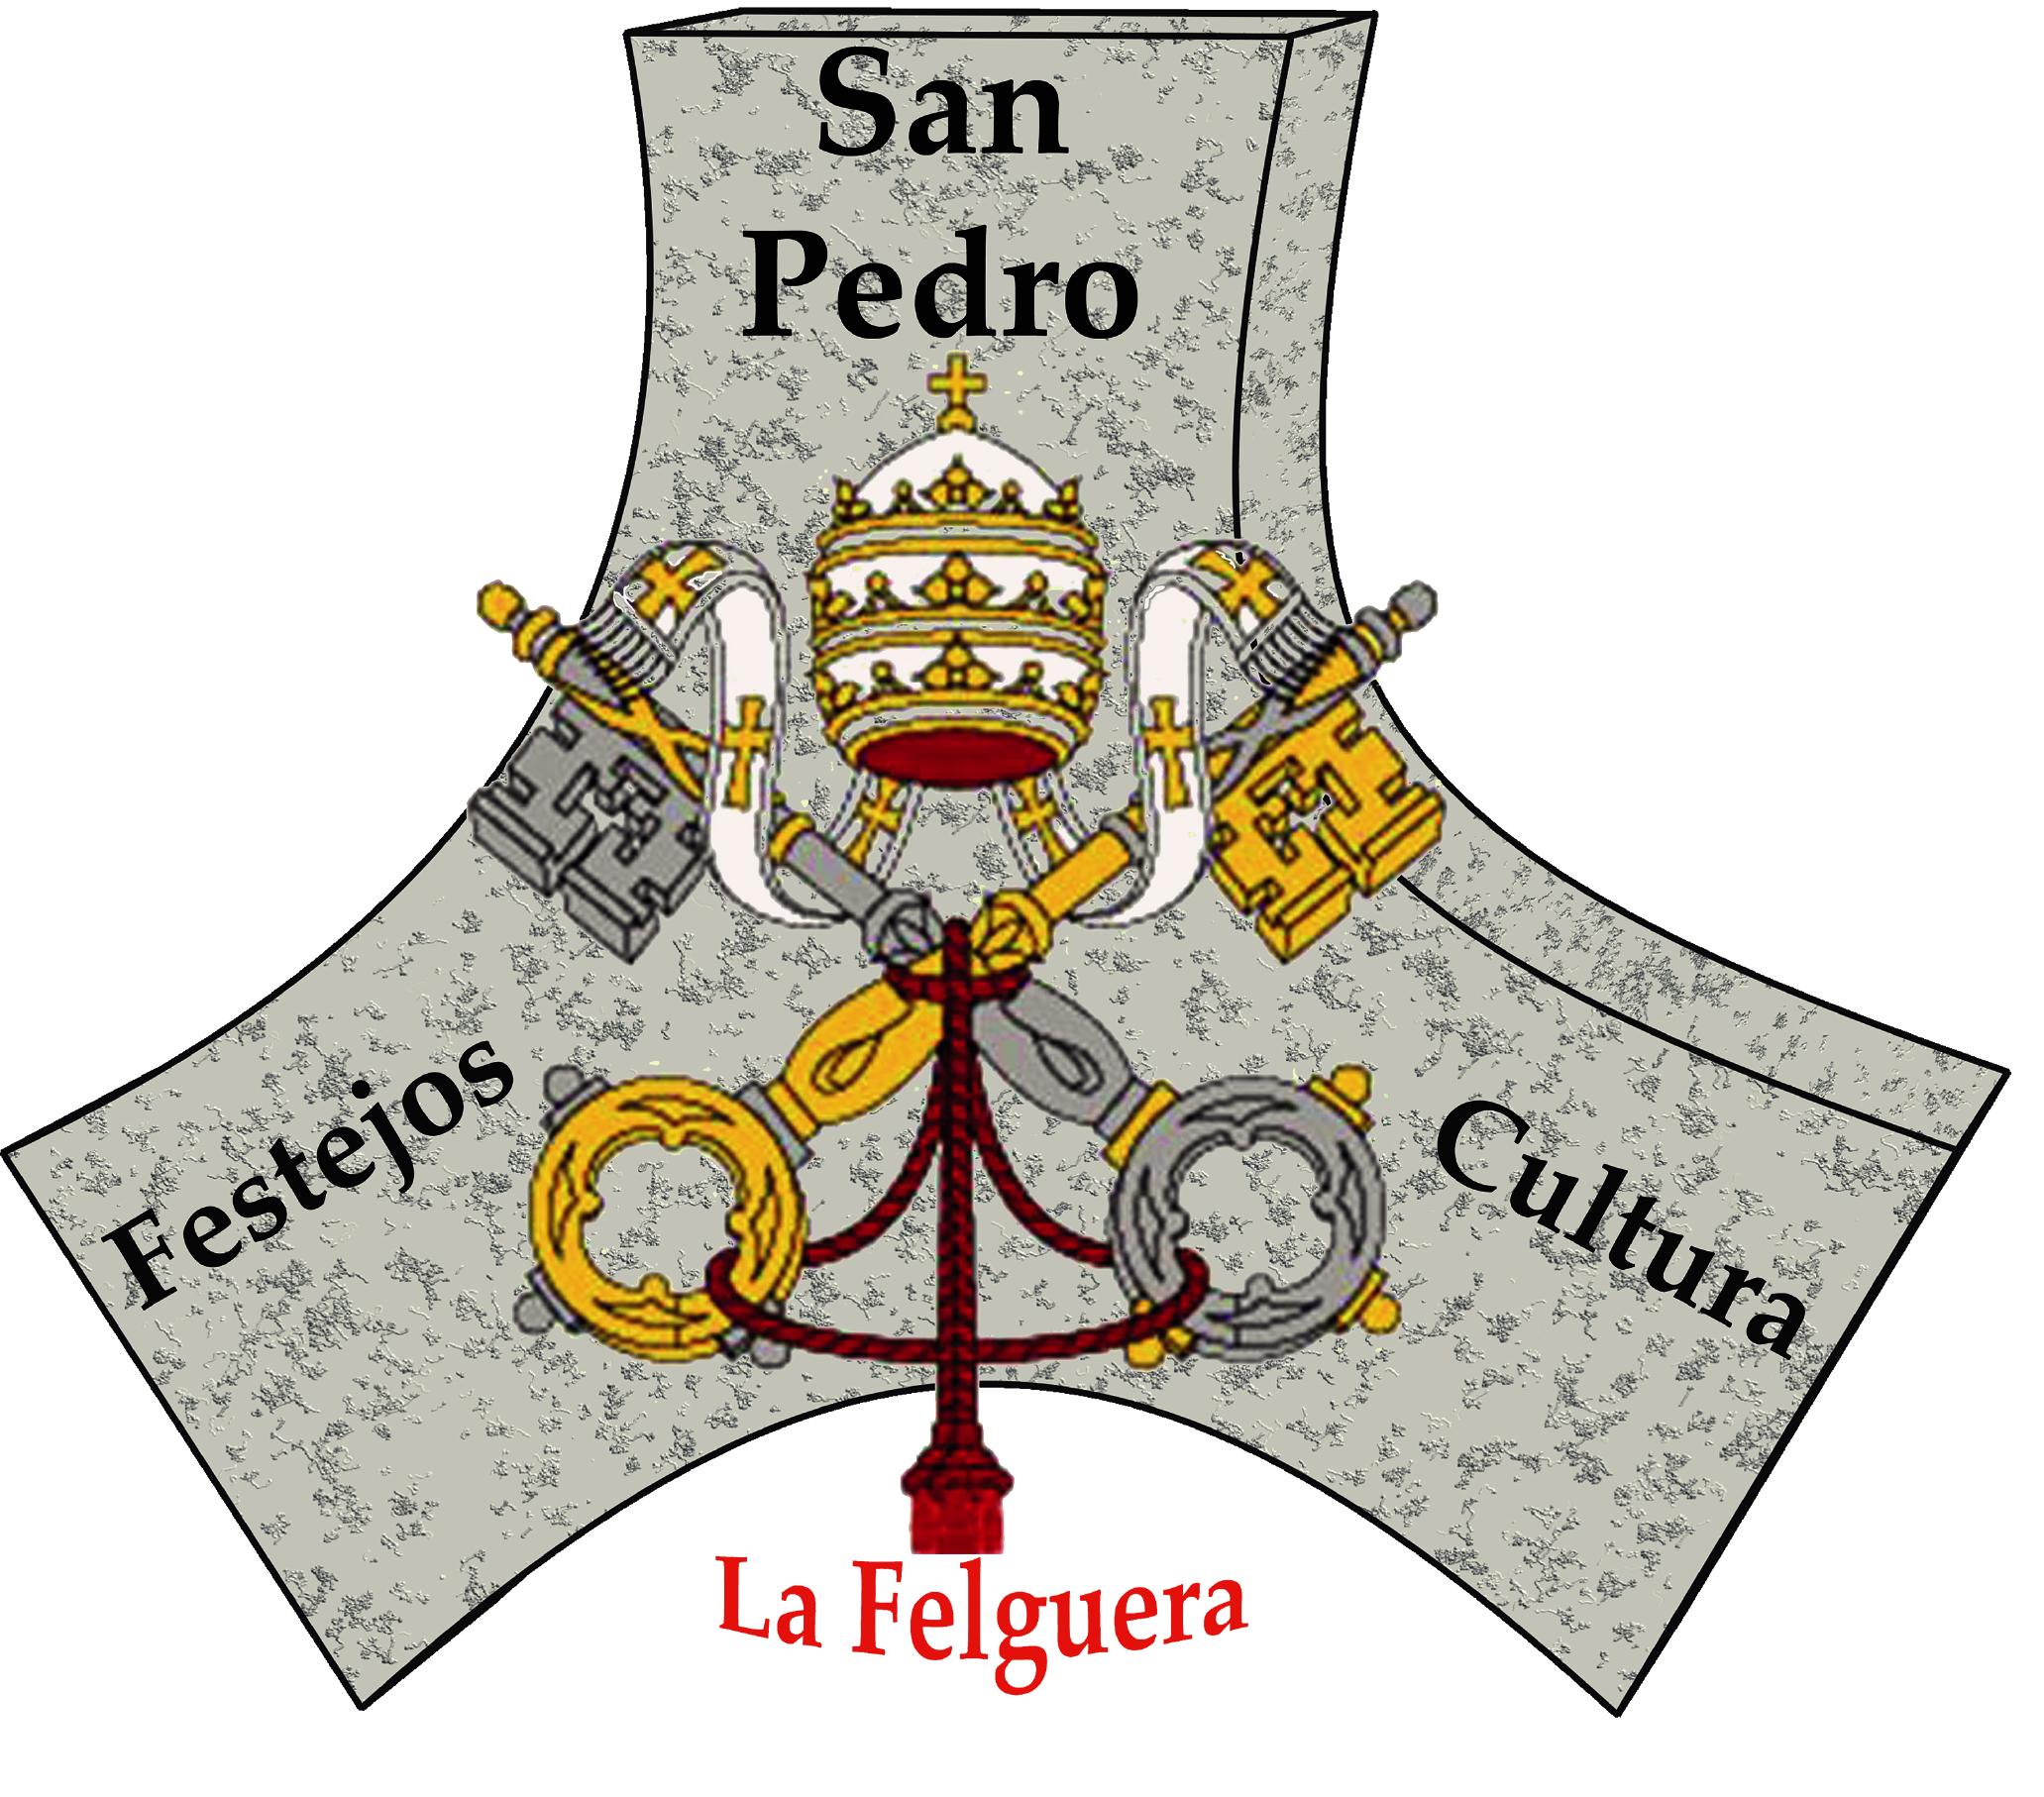 """Sociedad de Festejos y Cultura """"San Pedro"""" La Felguera"""